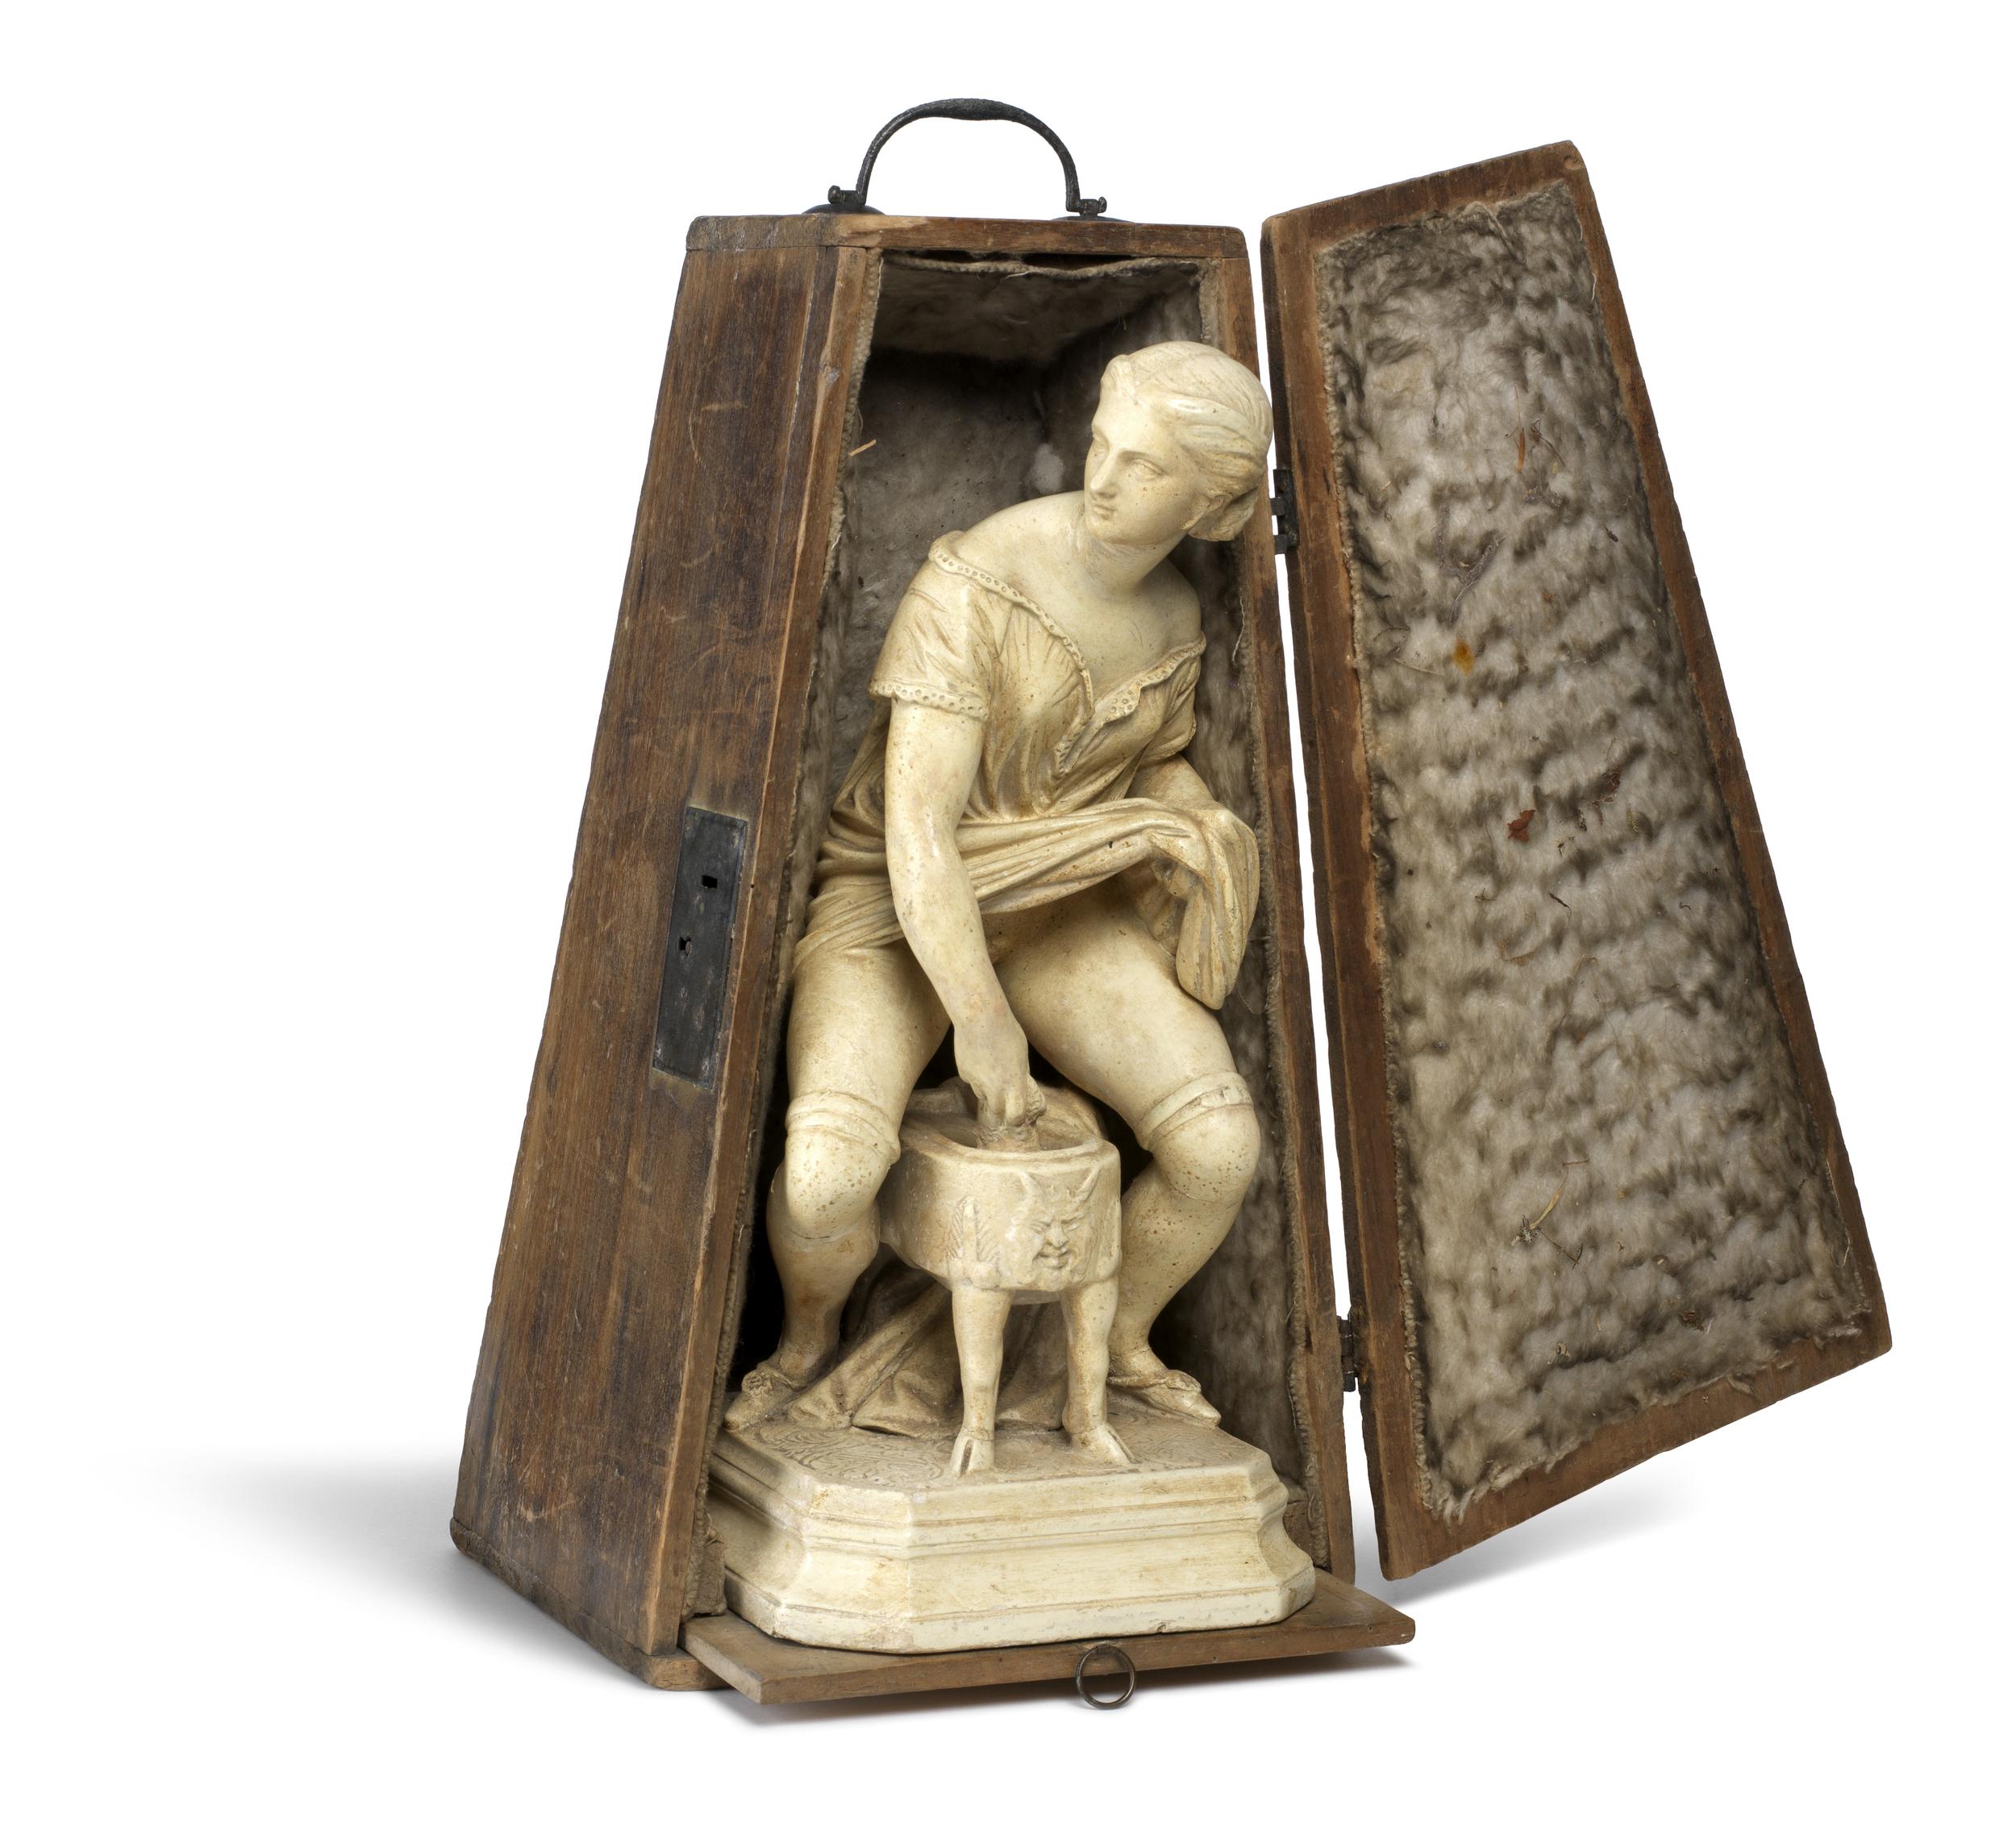 Voyeuristic figurine